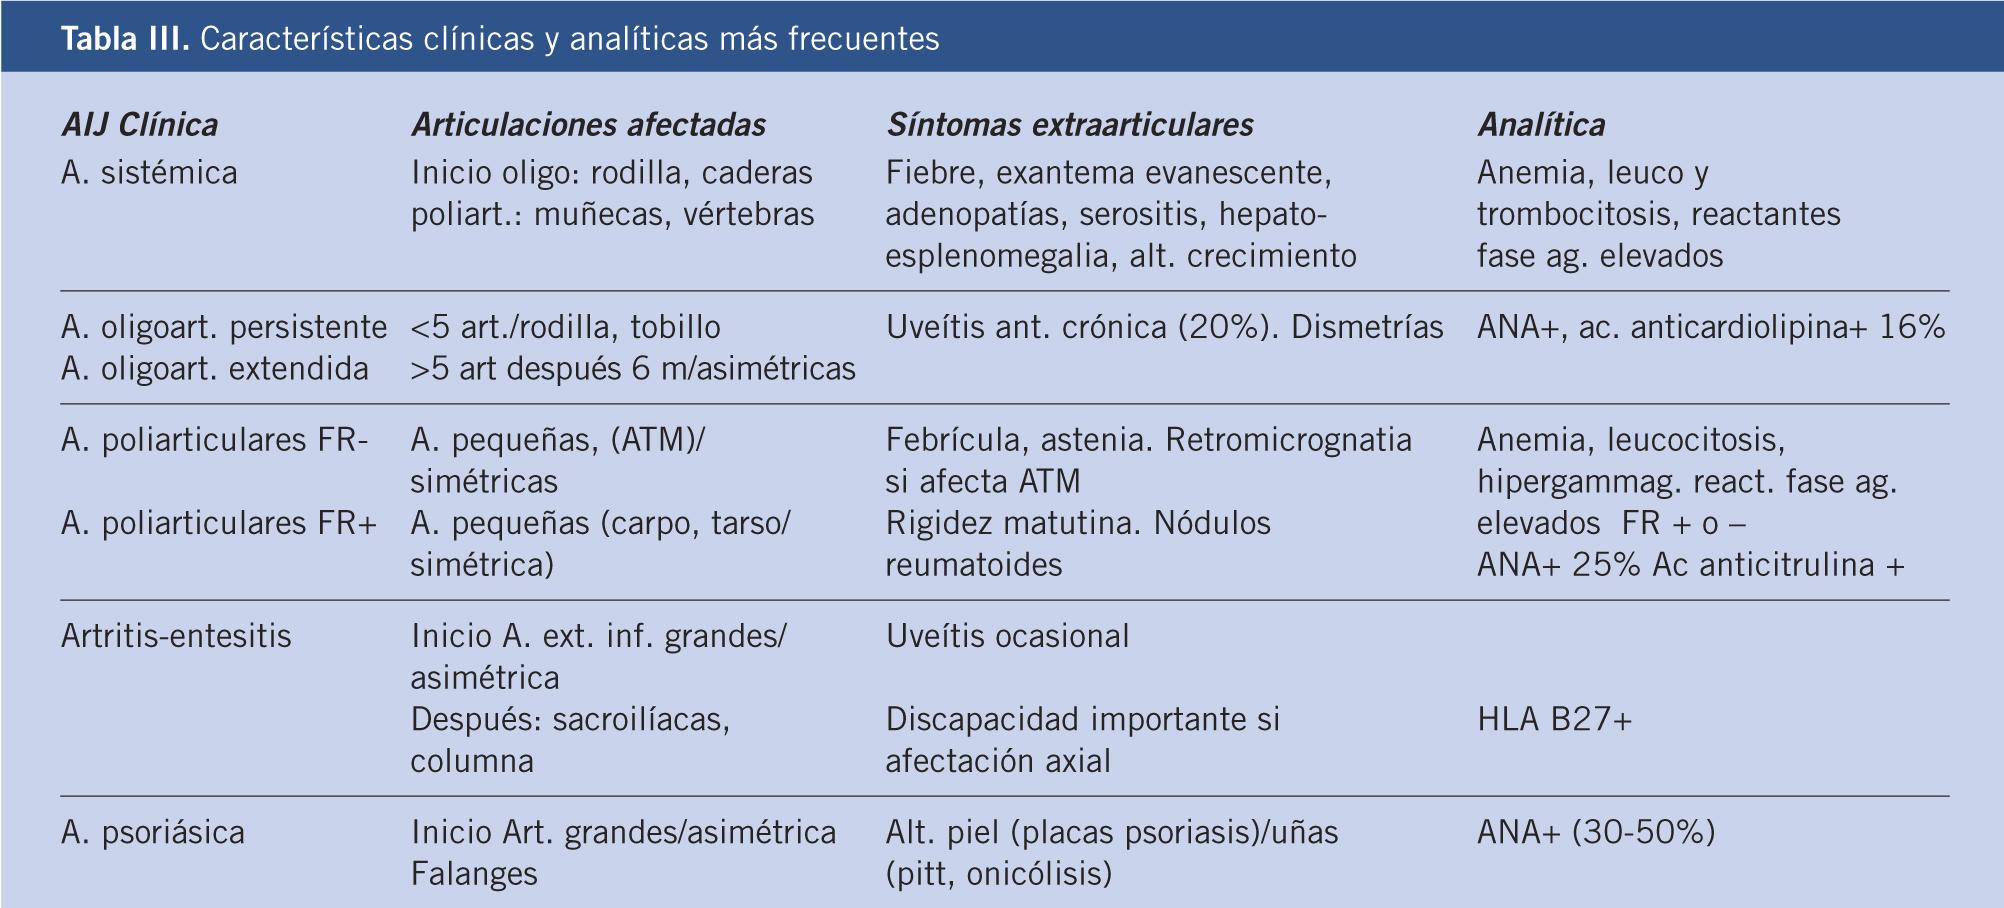 analgesicos no esteroides aines